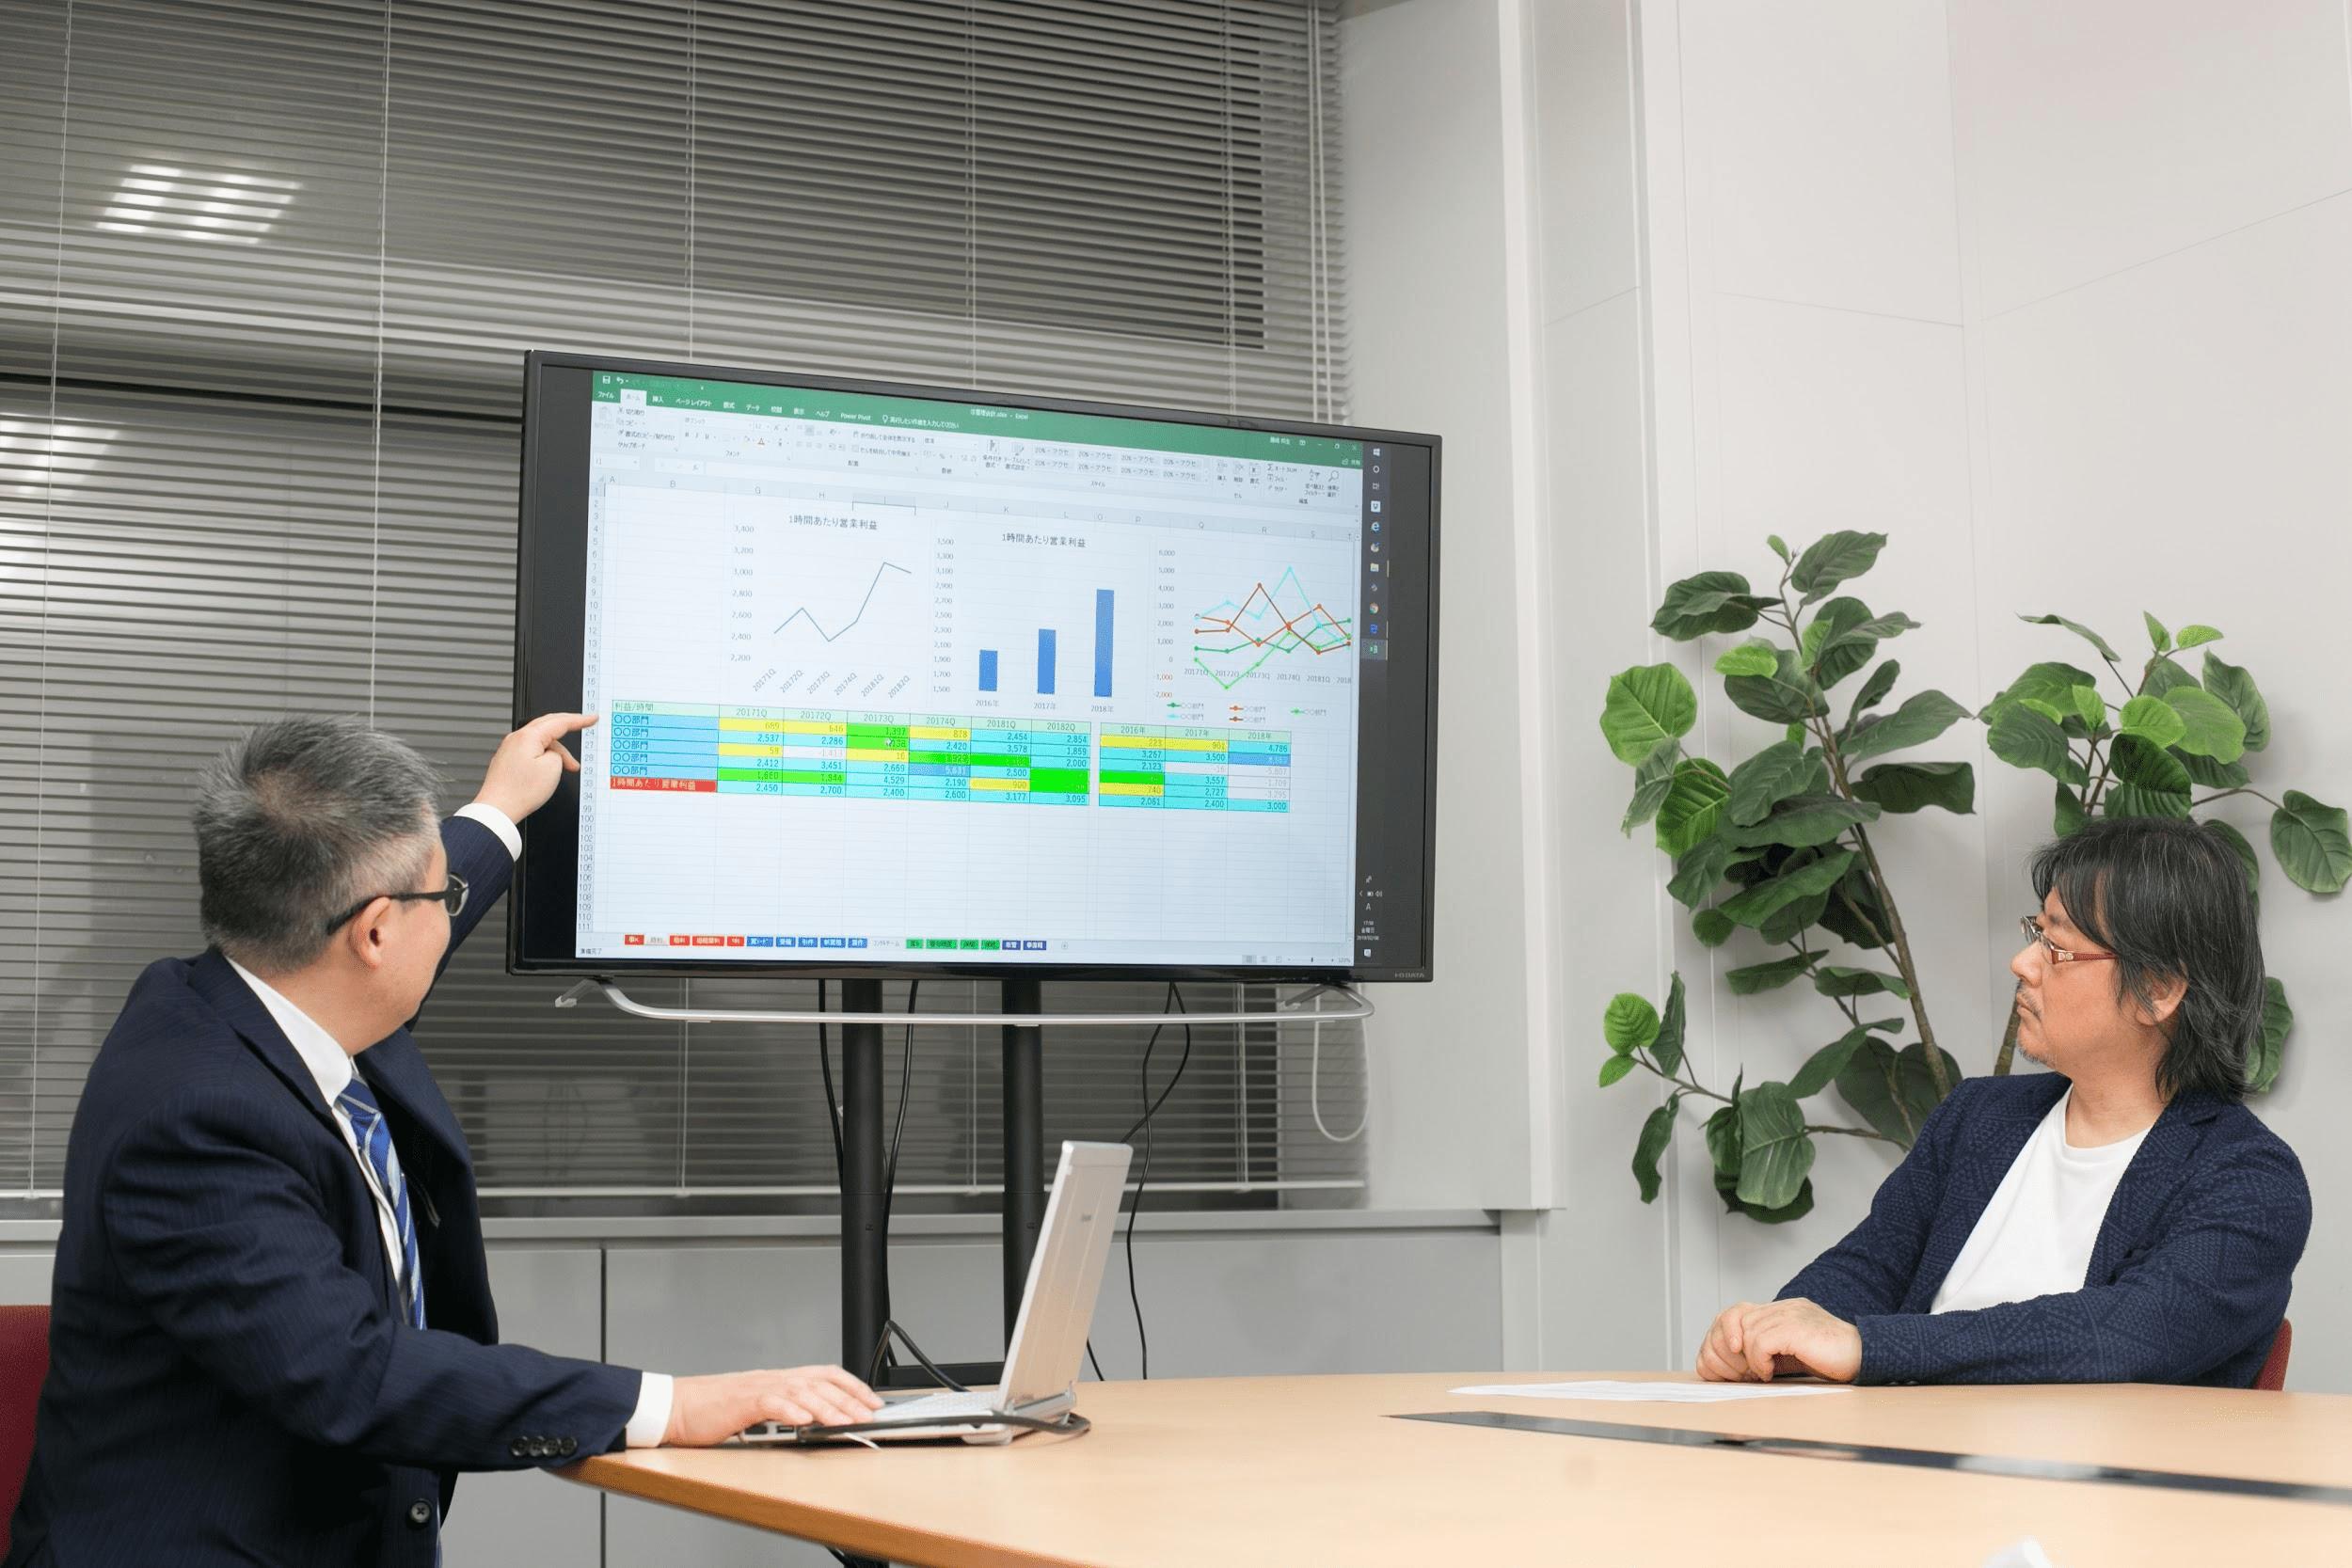 「時間当たり利益」のKPI管理シートをエクス抱社長に見せるオロ藤崎